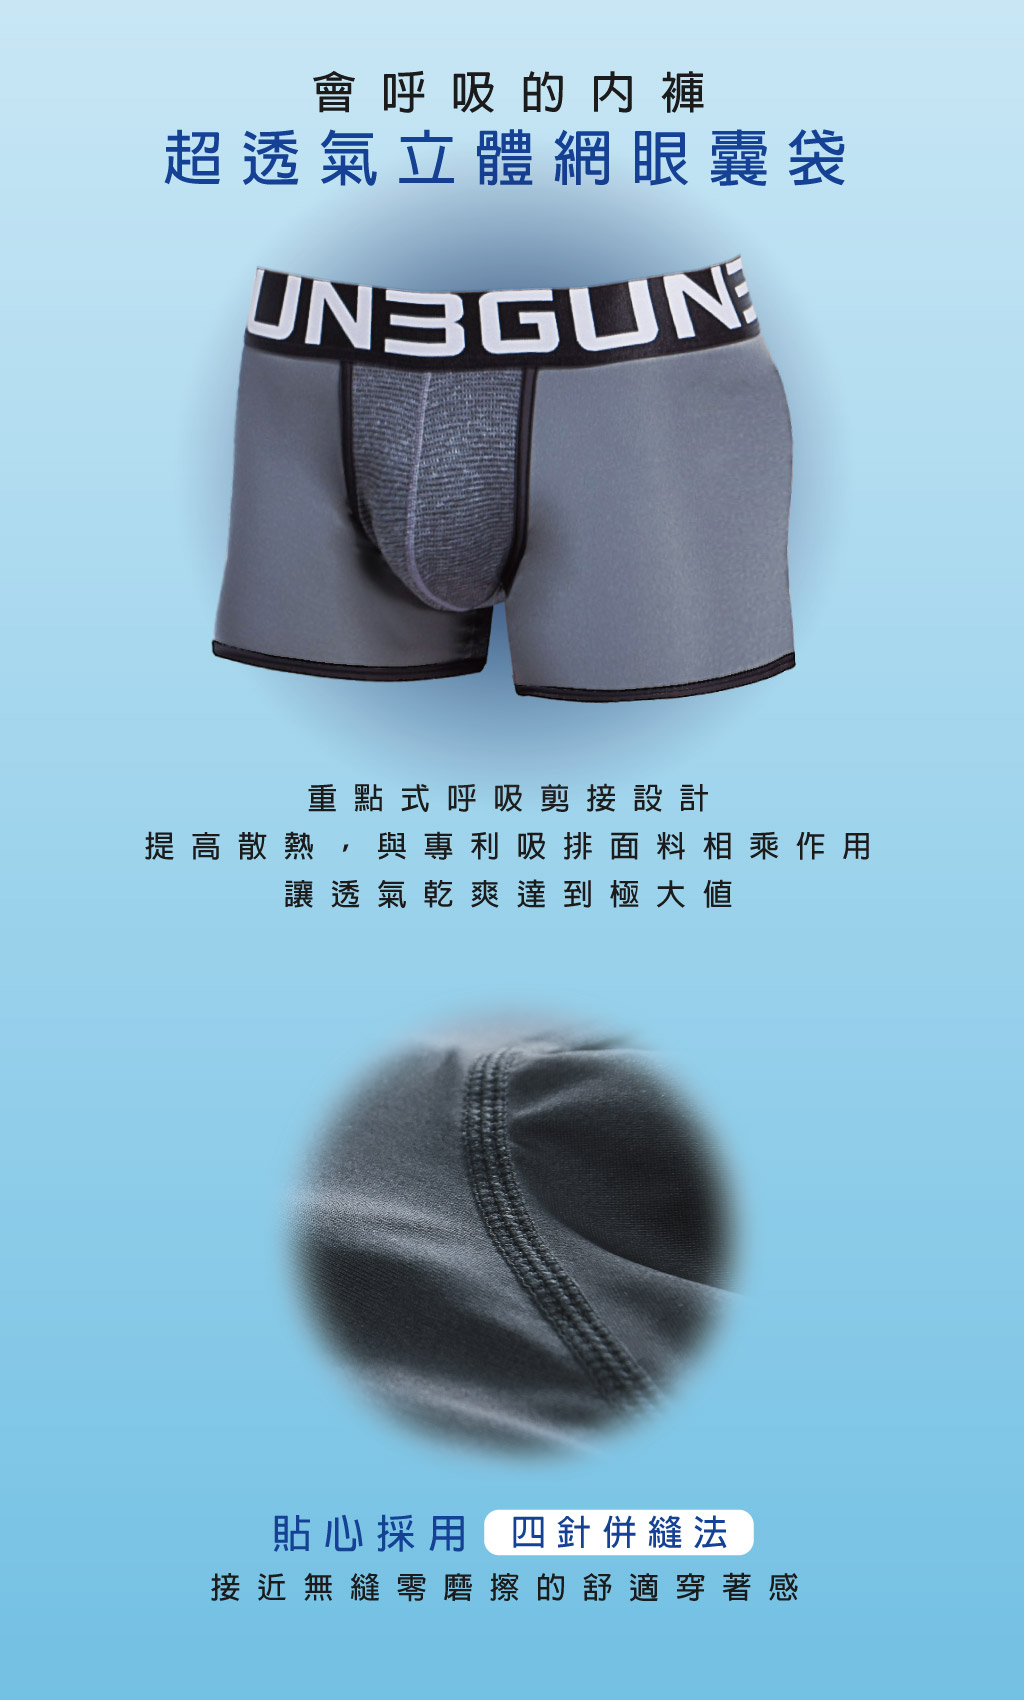 超透氣男真快乾平口褲-吸排-3GUN |男性時尚內衣褲MIT品牌